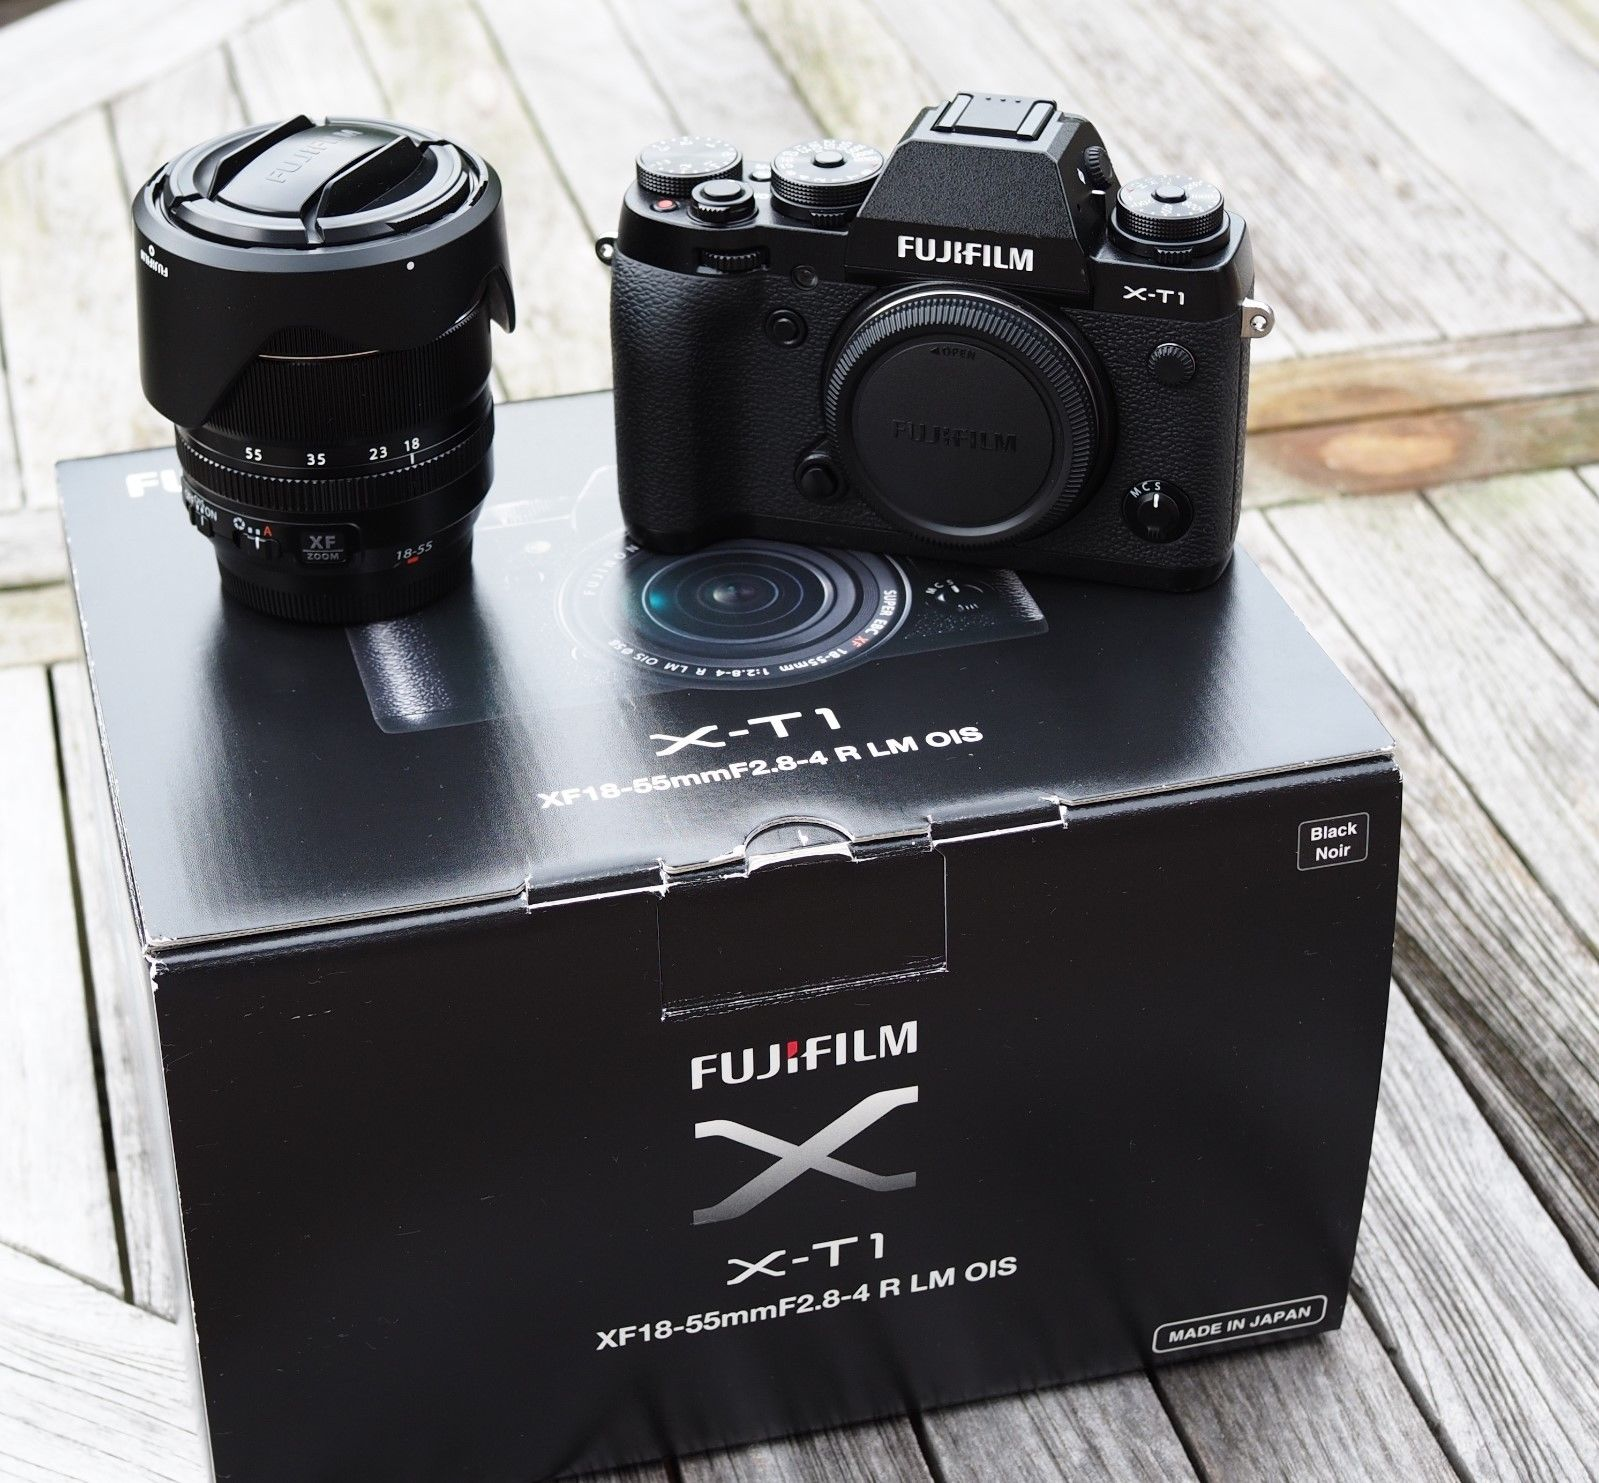 Fuji X-T1 schwarz mit XF 18-55 mm f2.8-4.0 80th Anniversary